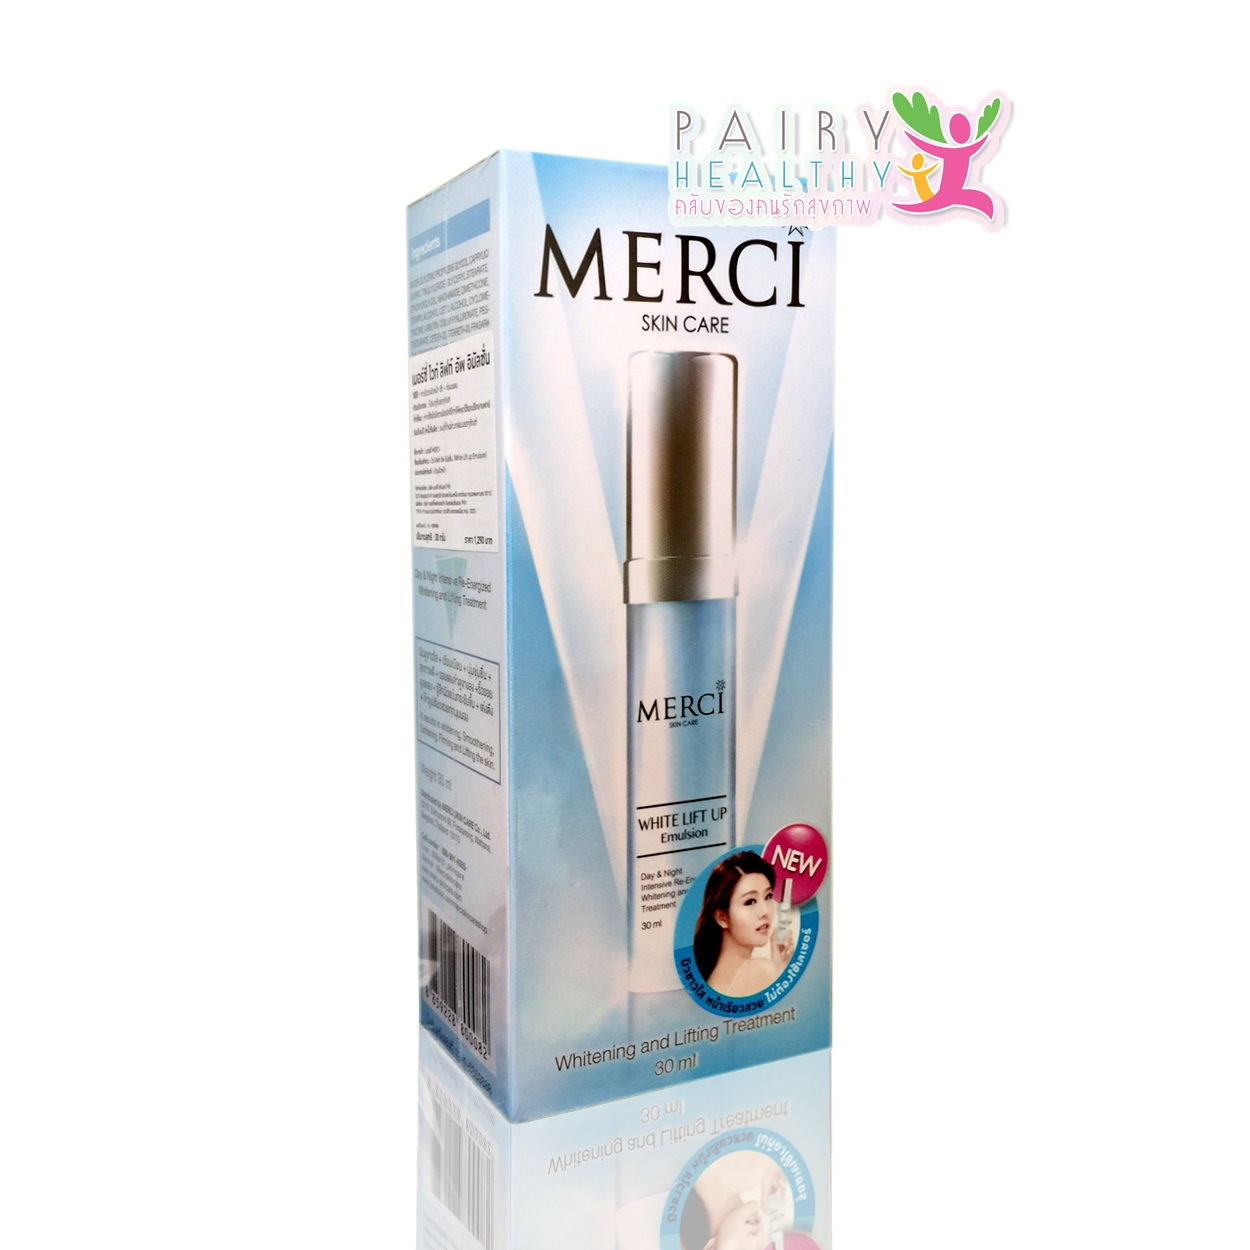 Merci White Lift Up Emulsion (เมอร์ซี่ ไวท์ ลิฟท์ อัพ อิมัลชั่น) 30 มิลลิลิตร ราคา 700 บาท ส่งฟรี